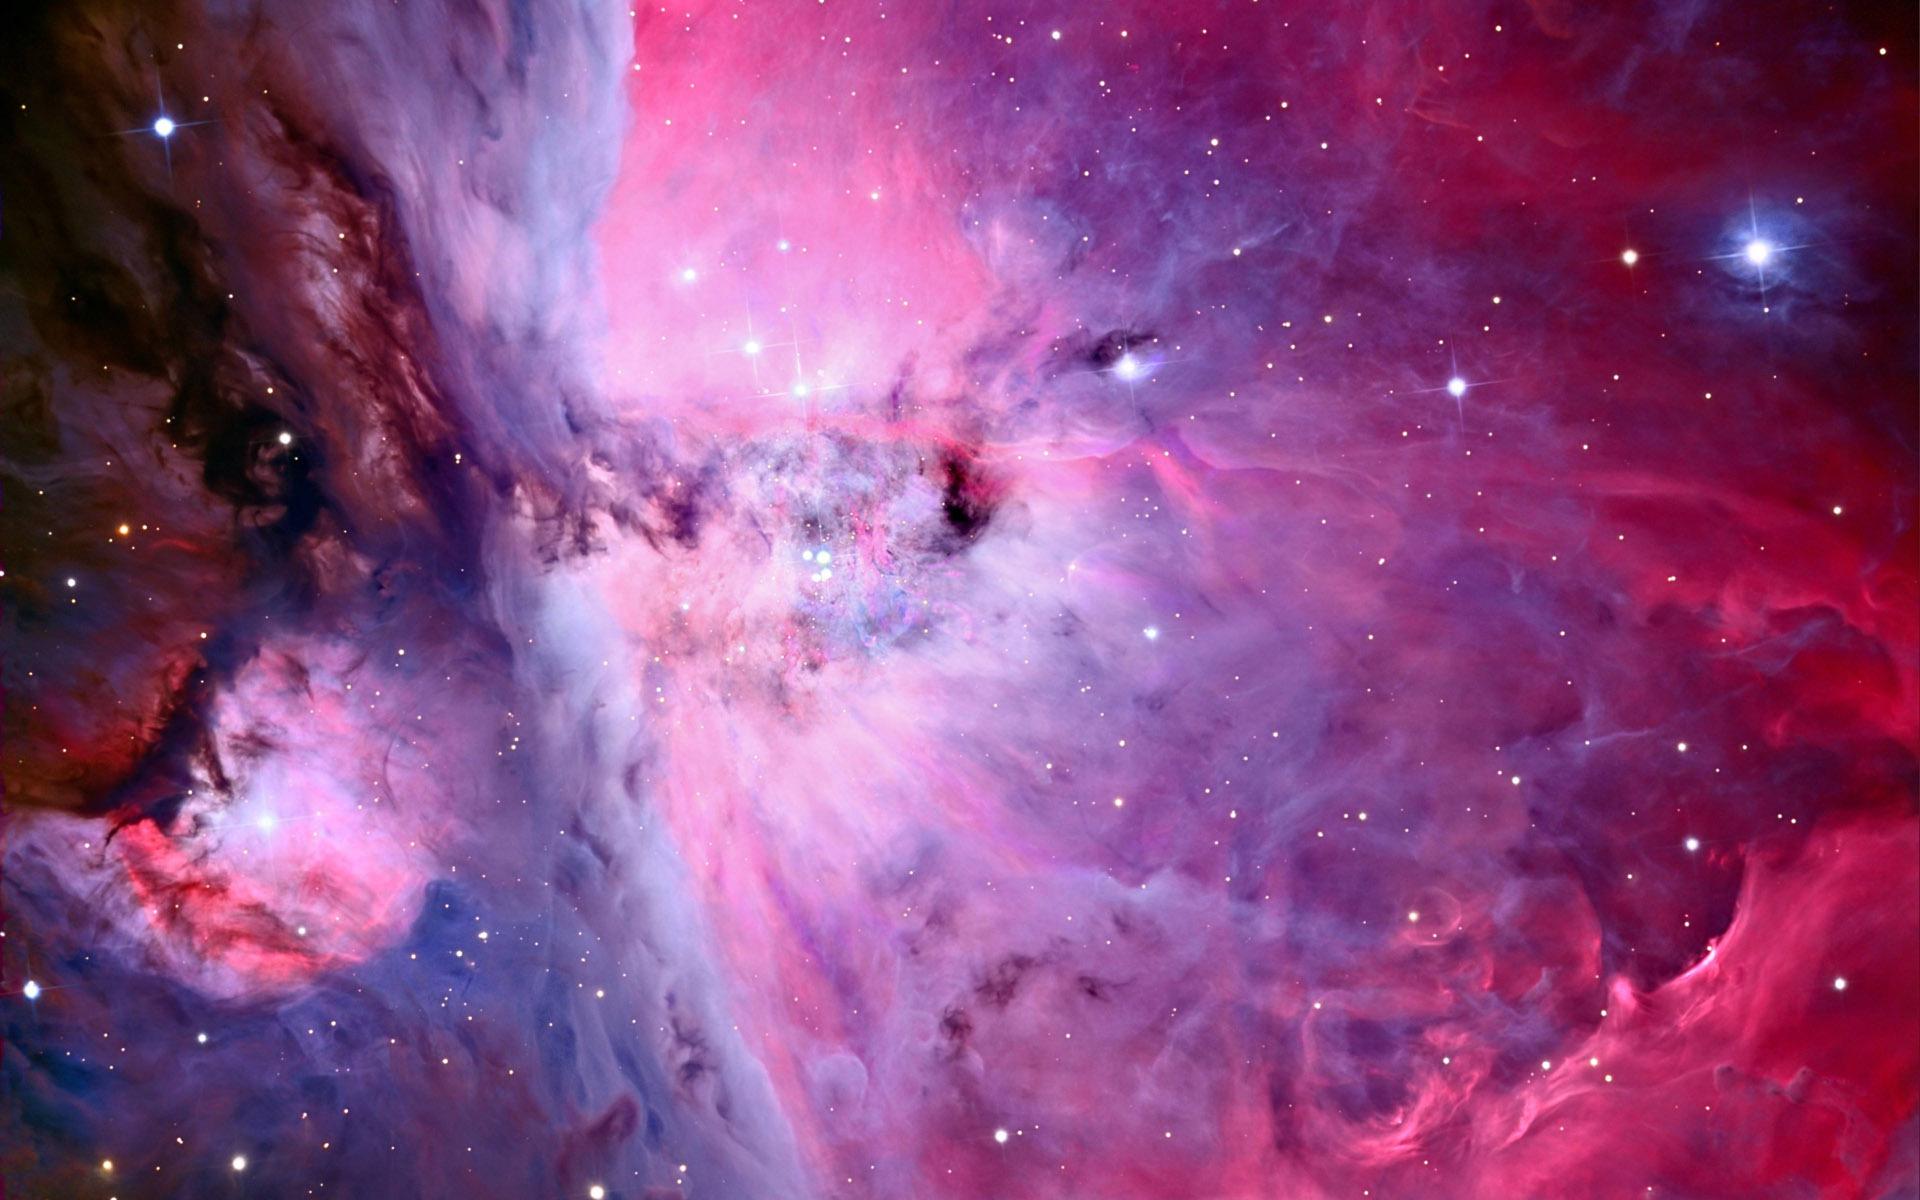 pink nebula galaxy space wallpaper - photo #12